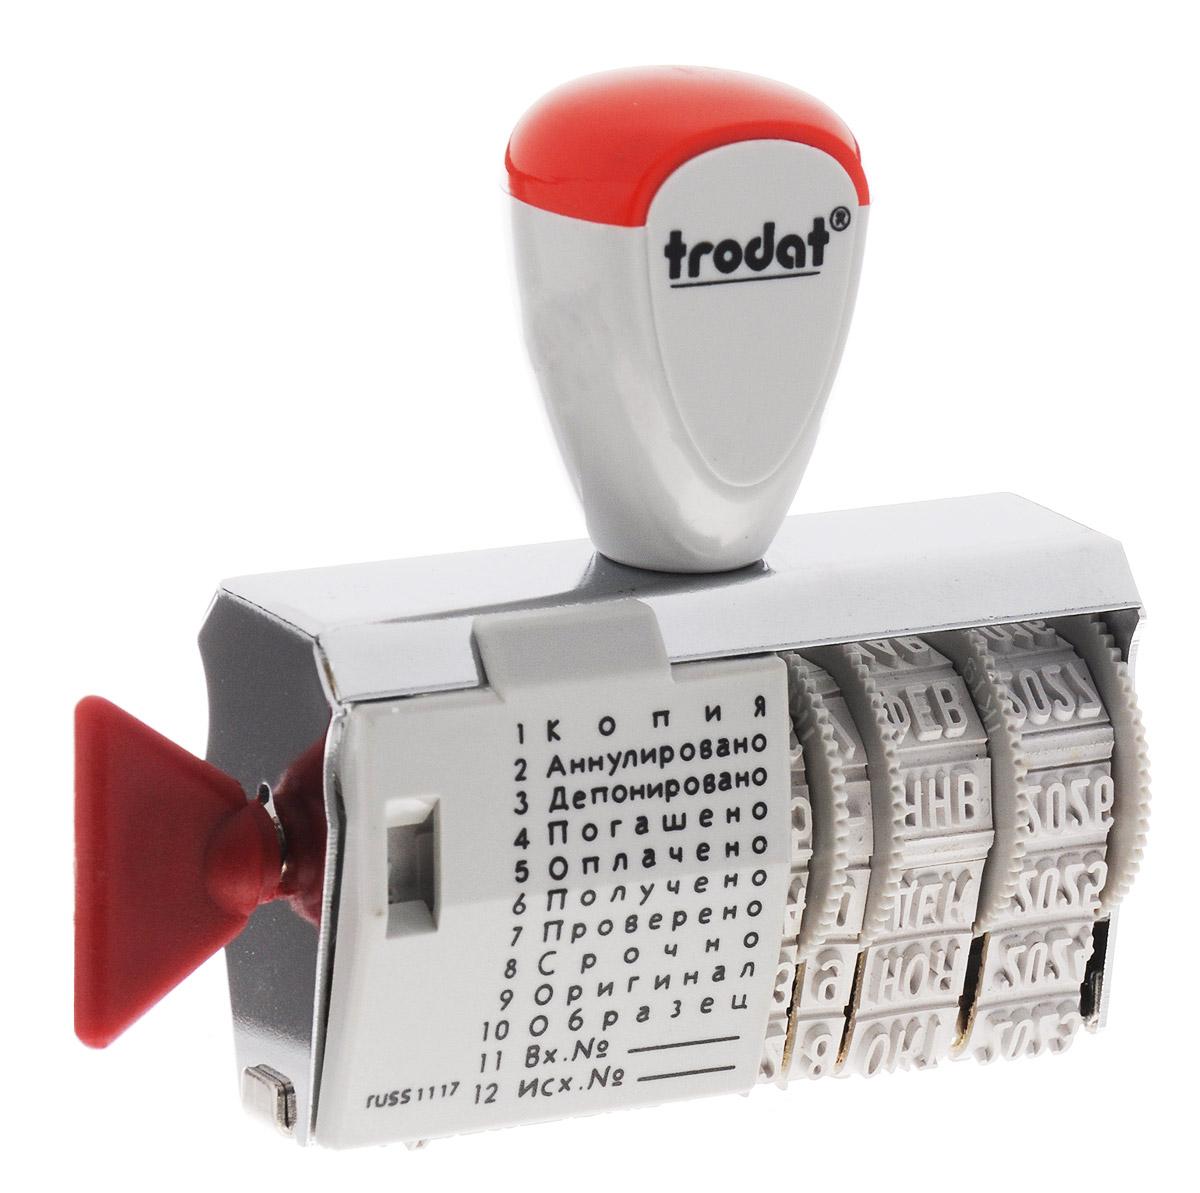 Trodat Датер ленточный 12 бухгалтерских терминов1117Ленточный однострочный датер Trodat имеет удобную рукоятку и металлический корпус.Для получения оттиска предварительно окрашивается при помощи настольной штемпельной подушки. Дата устанавливается при помощи колесиков. Месяц указывается прописью. Содержит 12 бухгалтерских терминов: копия, аннулировано, депонировано, погашено, оплачено, получено, проверено, срочно, оригинал, образец, входящий номер, исходящий номер. Устанавливаются вручную при помощи поворотного ключика. Язык - русский.